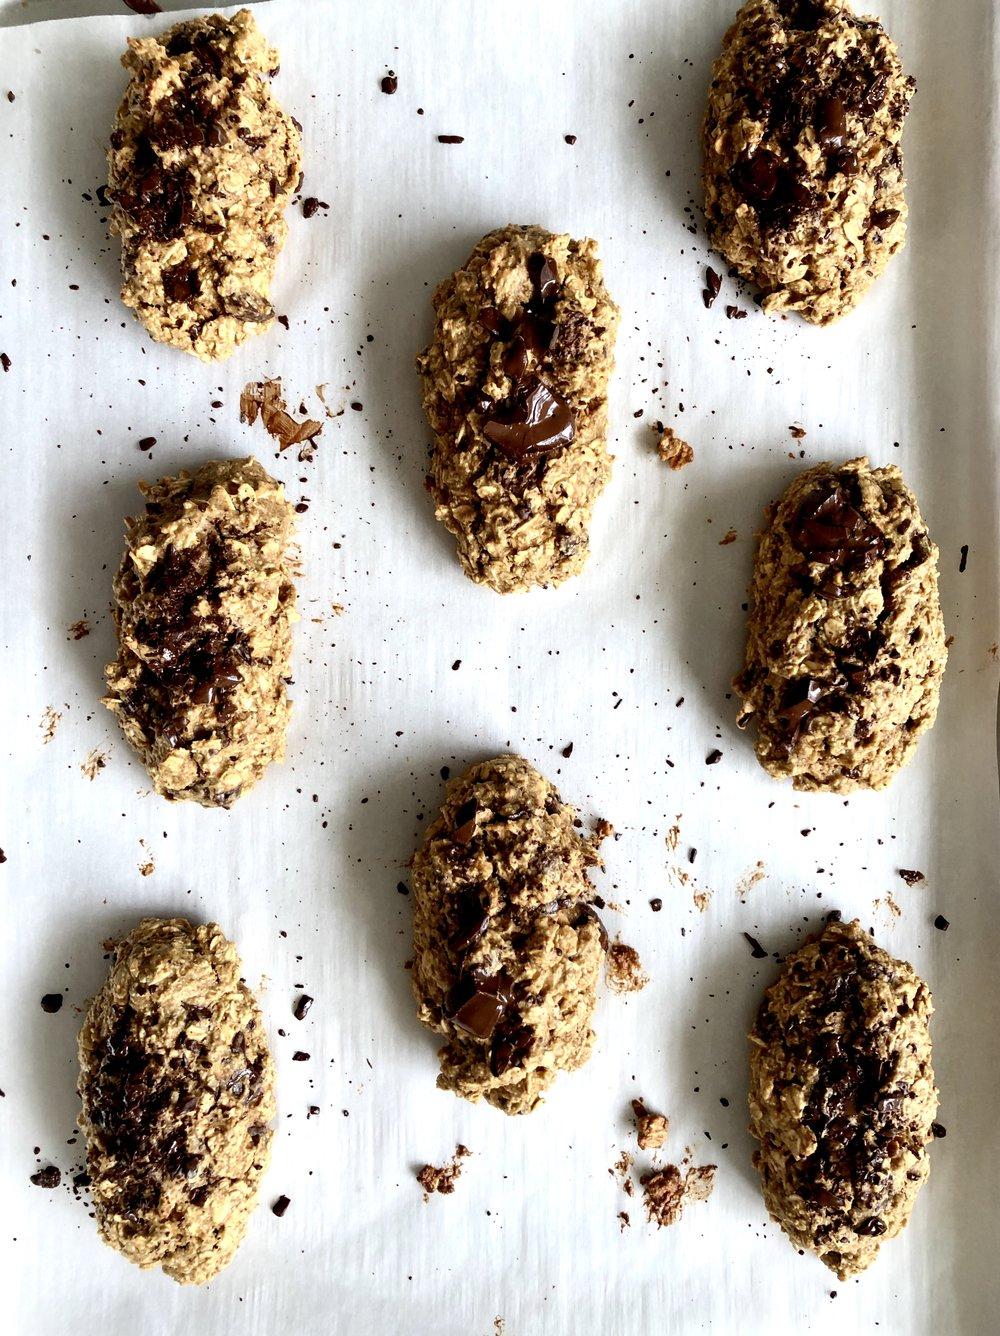 Chocolate peanut butter oat breakfast bars